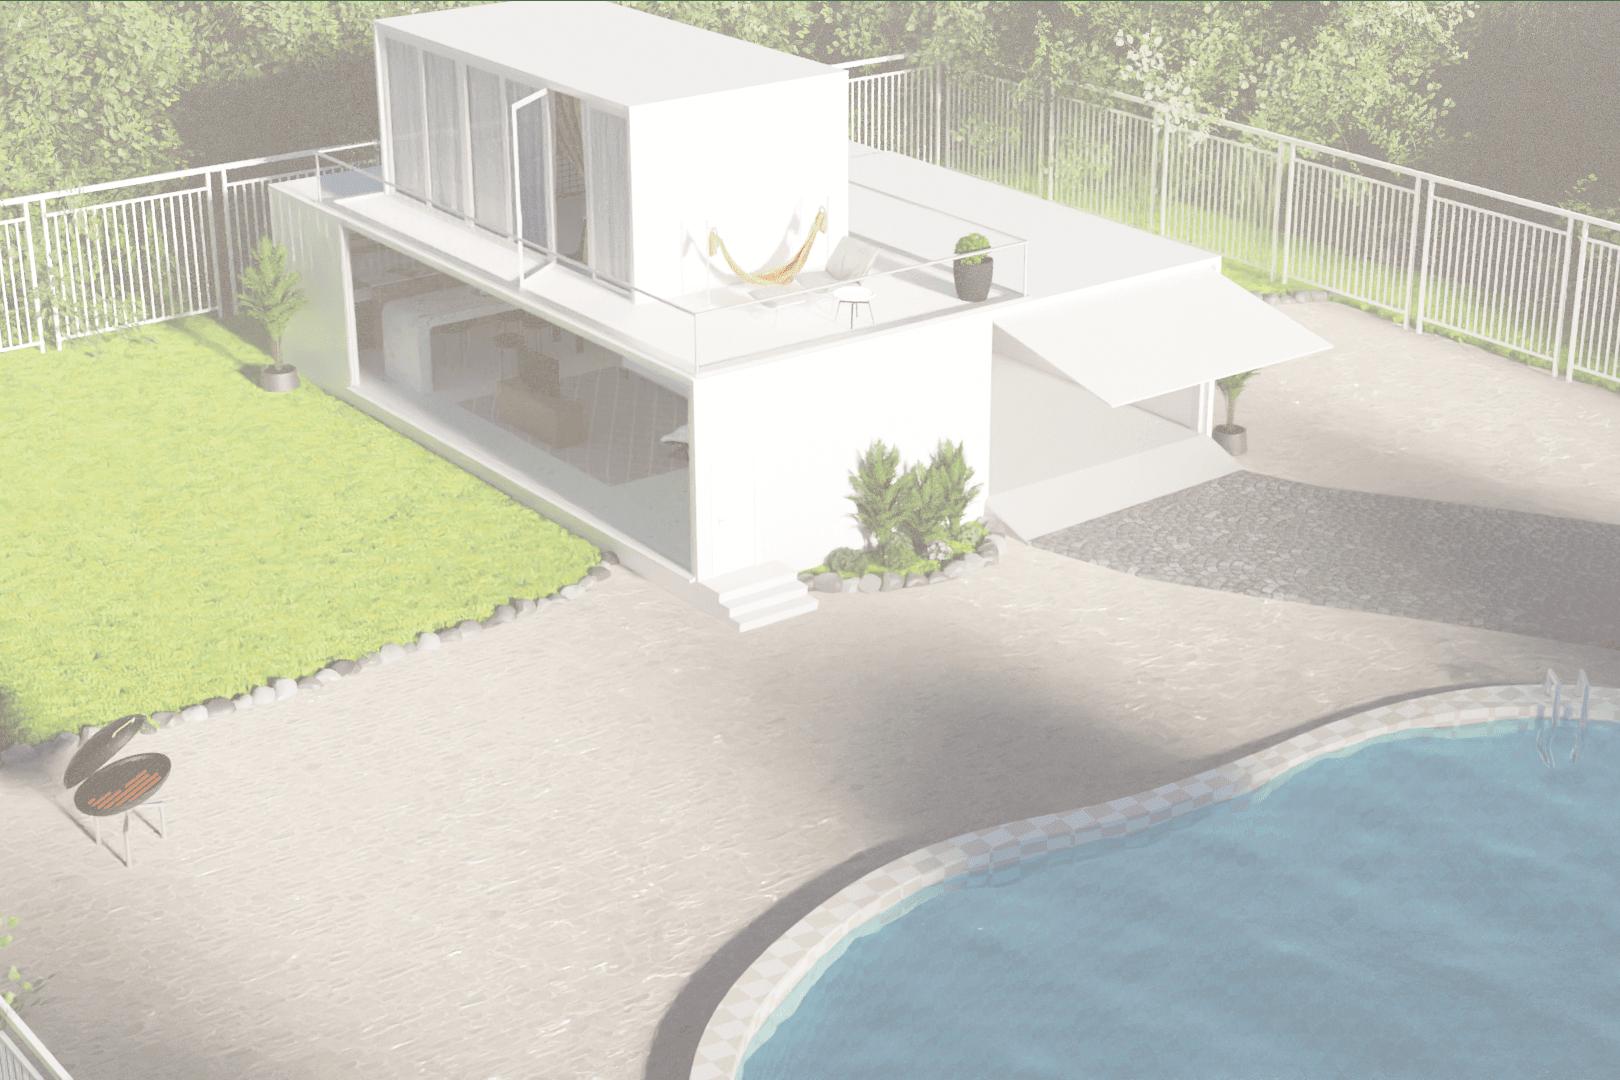 Portfolio for 3D interior and exterior design